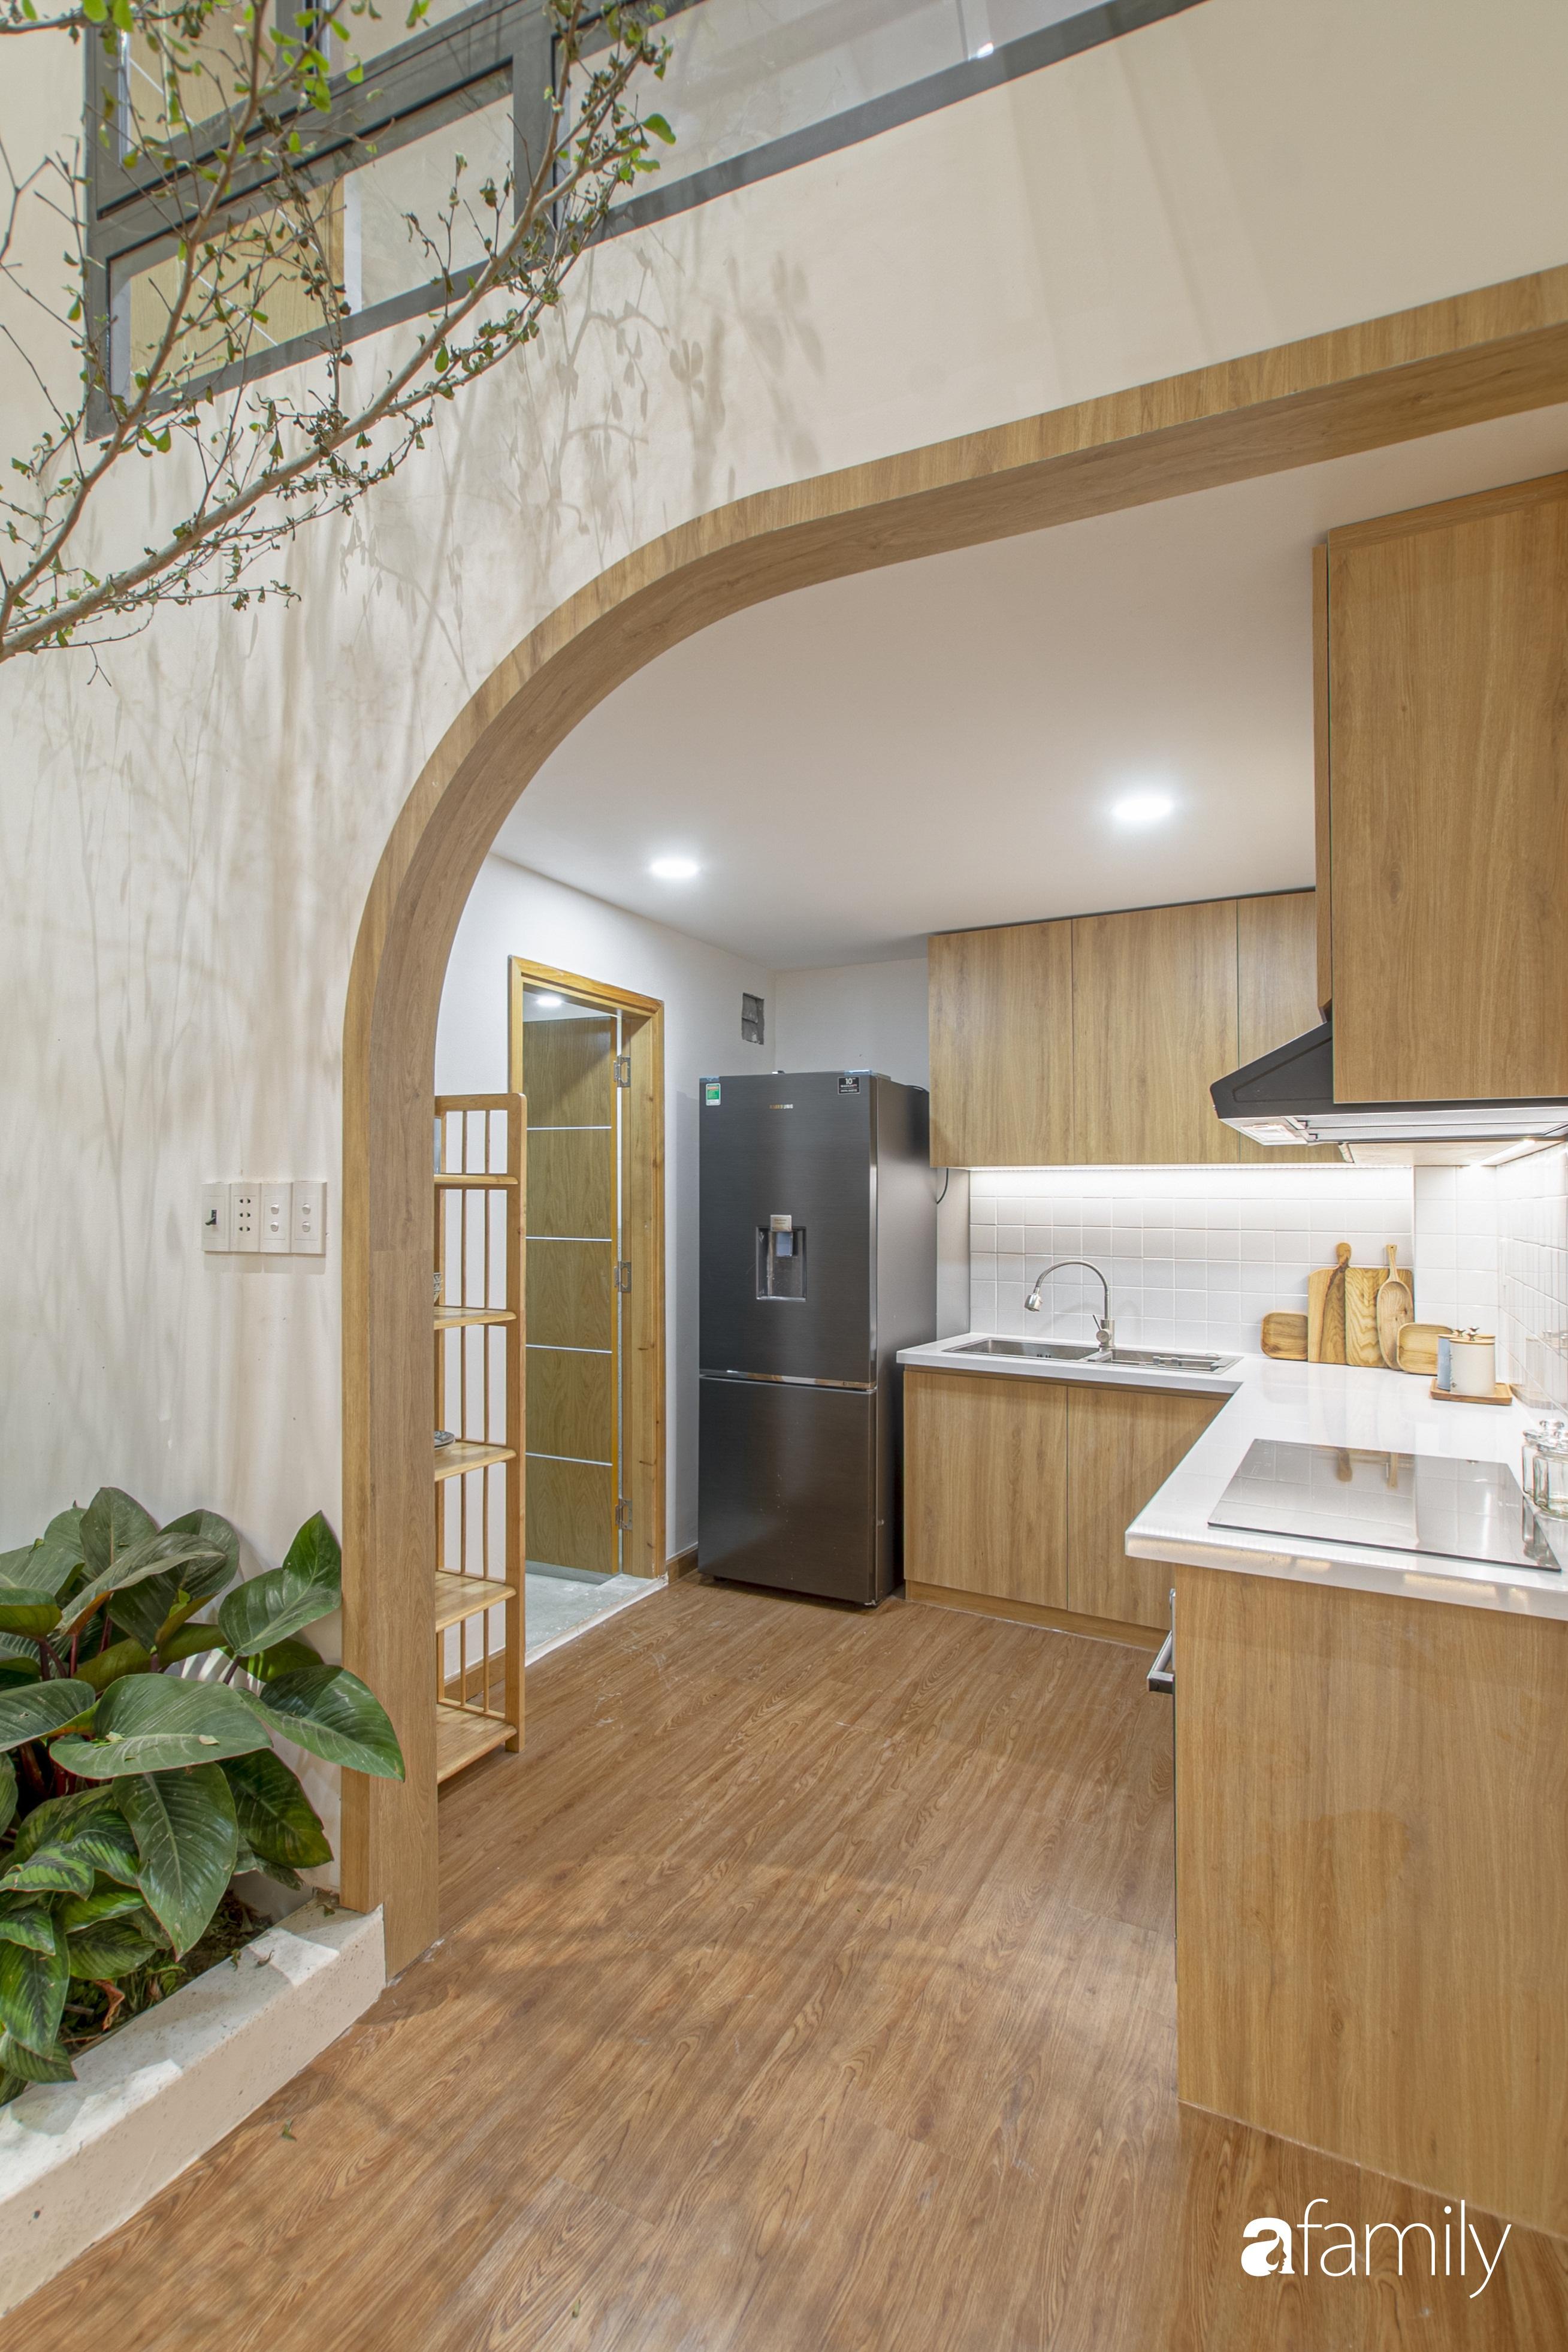 Con trai cải tạo nhà phố hư hỏng nặng thành không gian đậm phong cách Nhật cho bố mẹ an hưởng tuổi già - Ảnh 9.